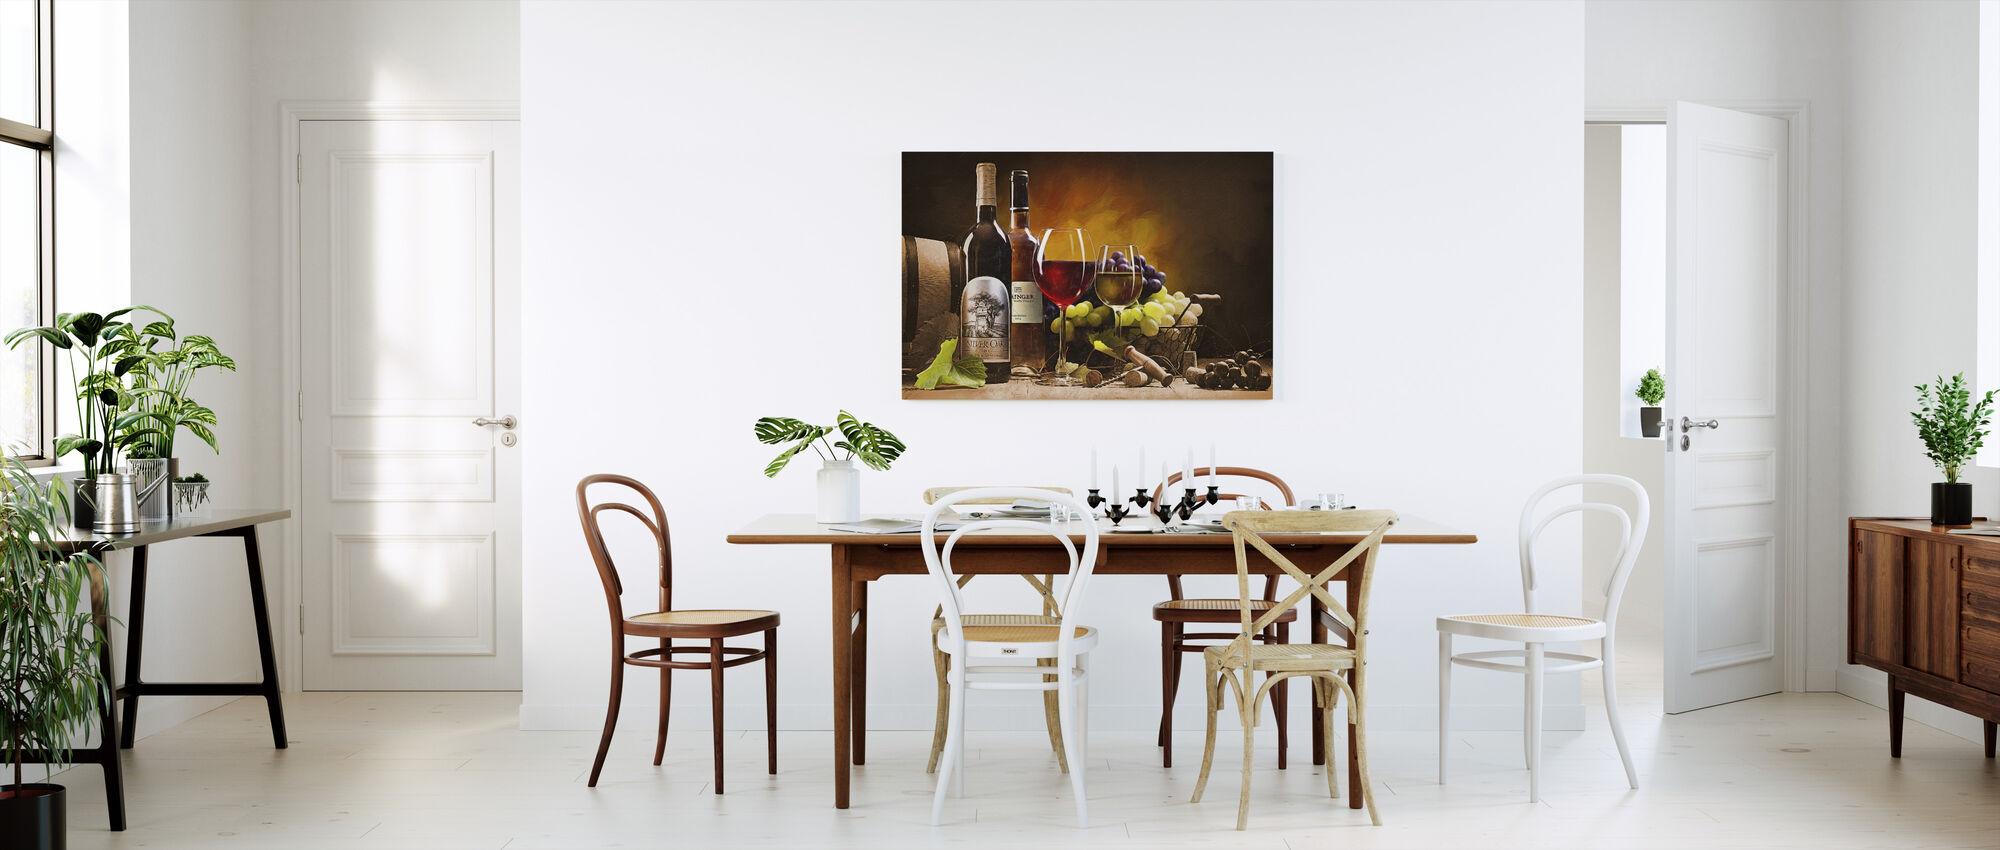 Een smaak van Napa Valley - Canvas print - Keuken